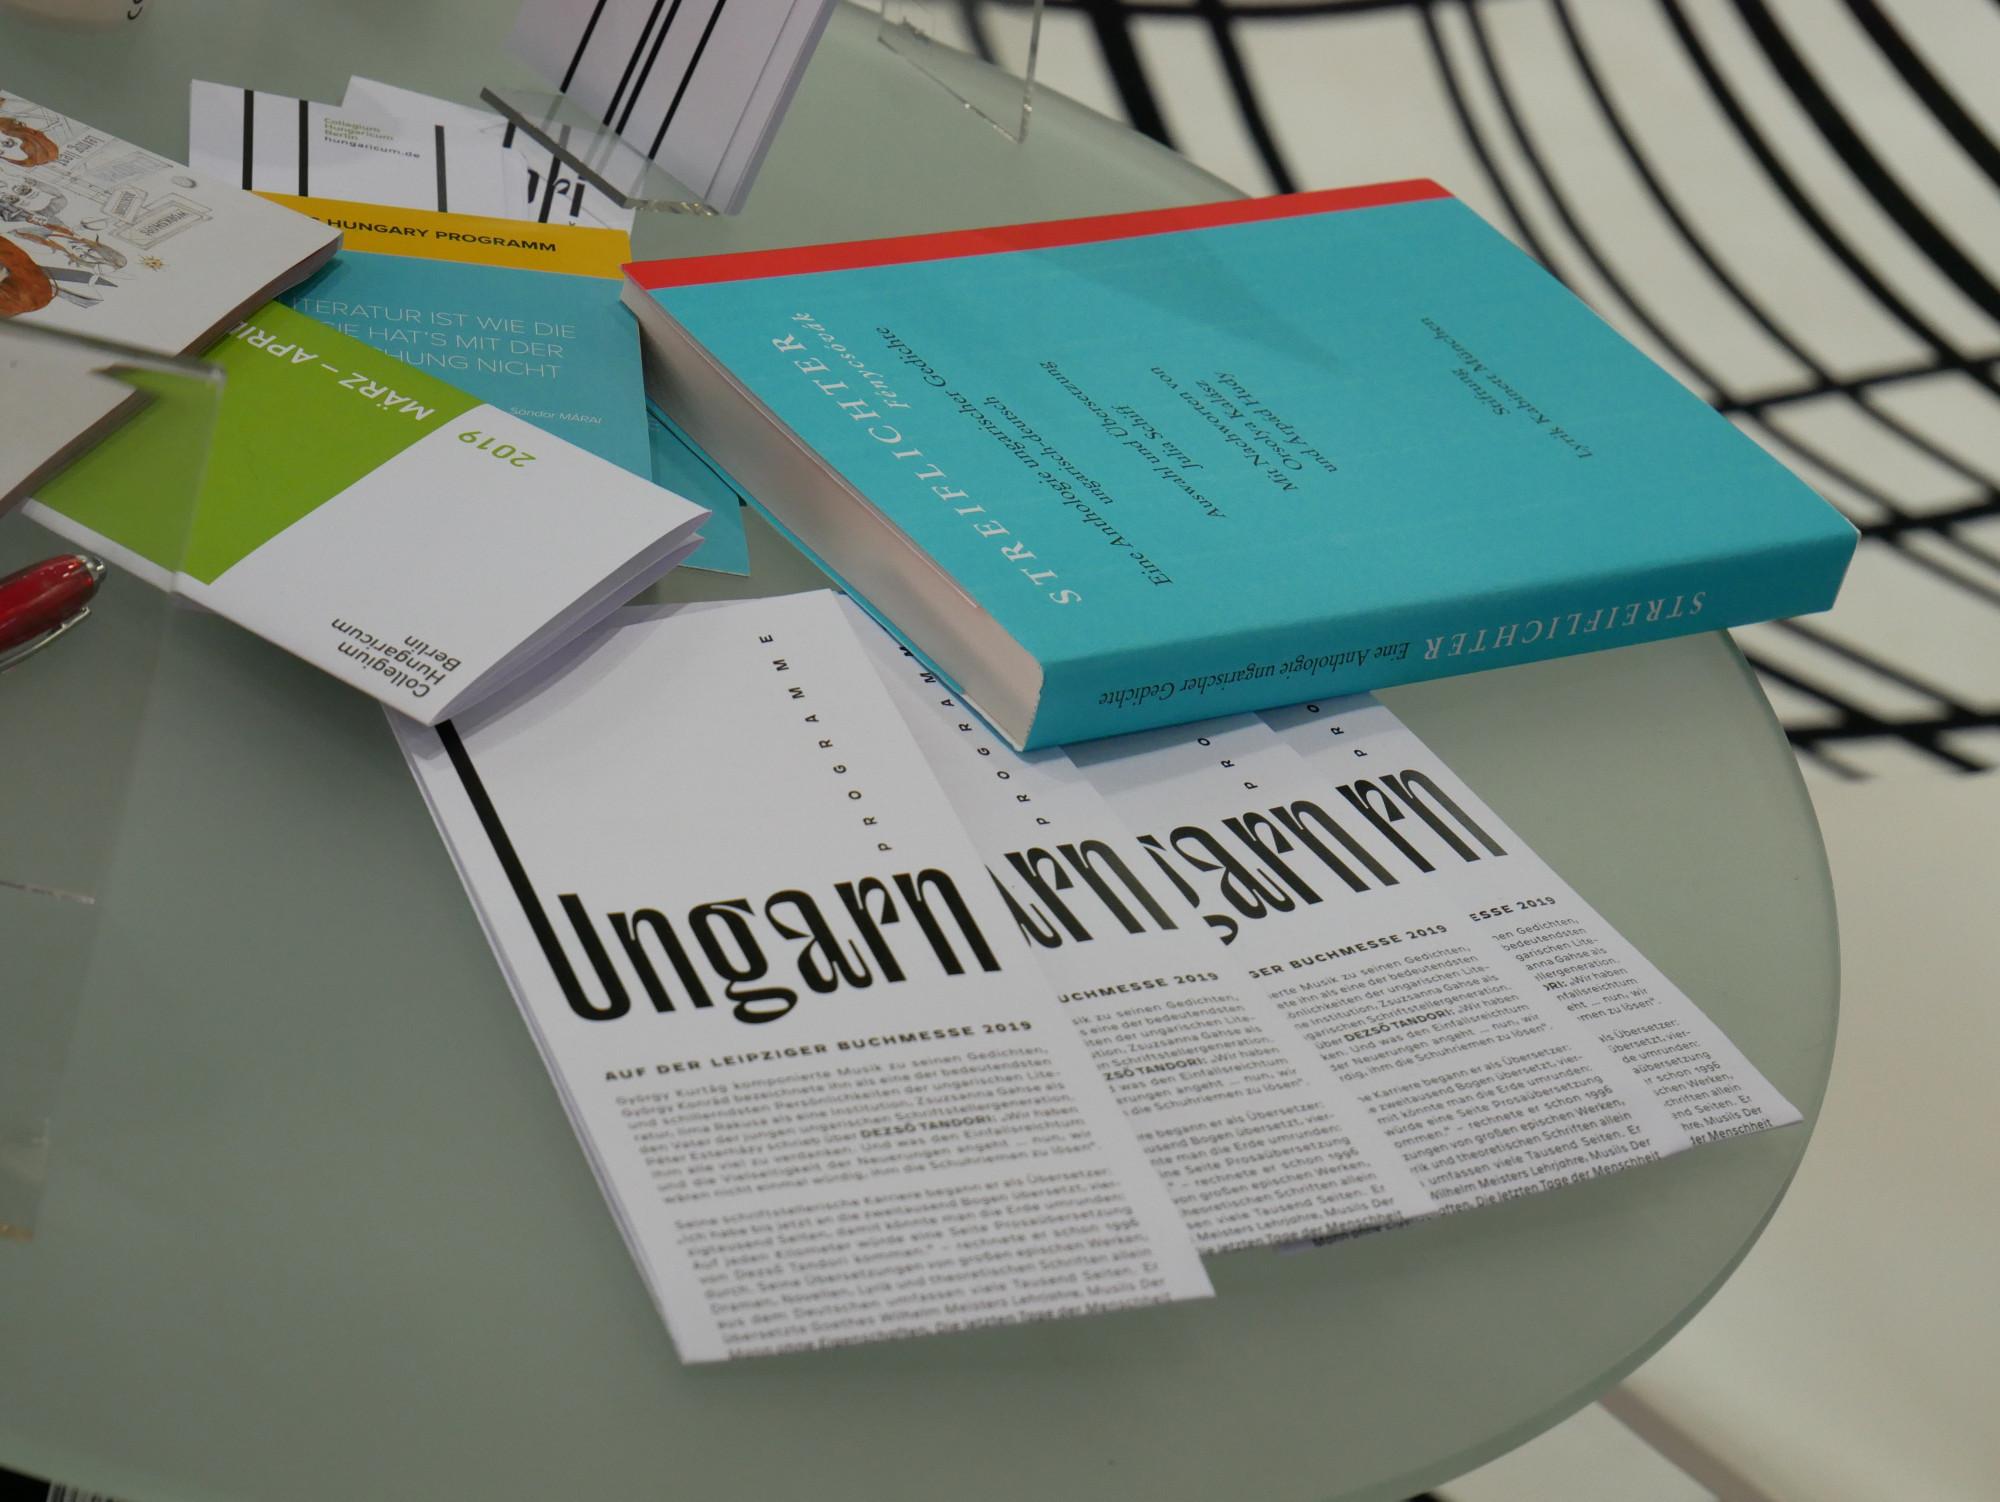 Lipcsei Könyvvásár 2019